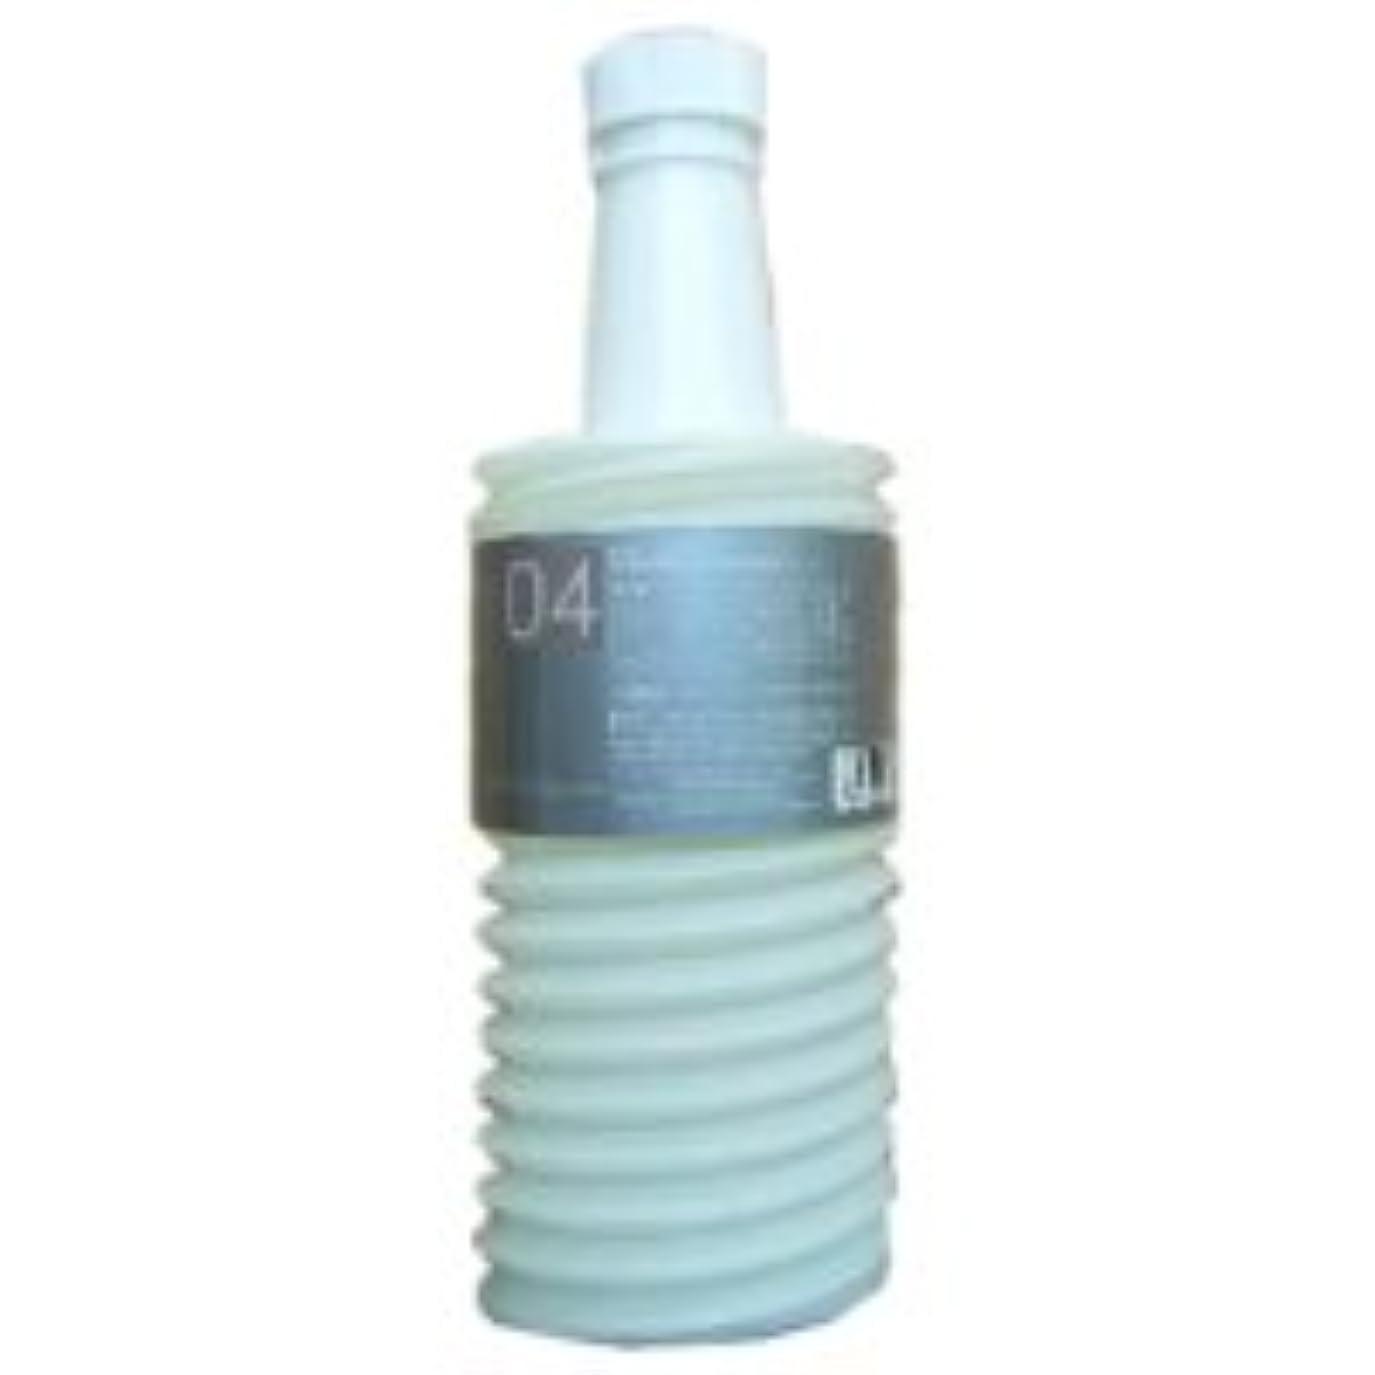 反毒お酒油ムコタ アデューラ アイレ04 ベールマスクトリートメント 700g(業務?詰替用)